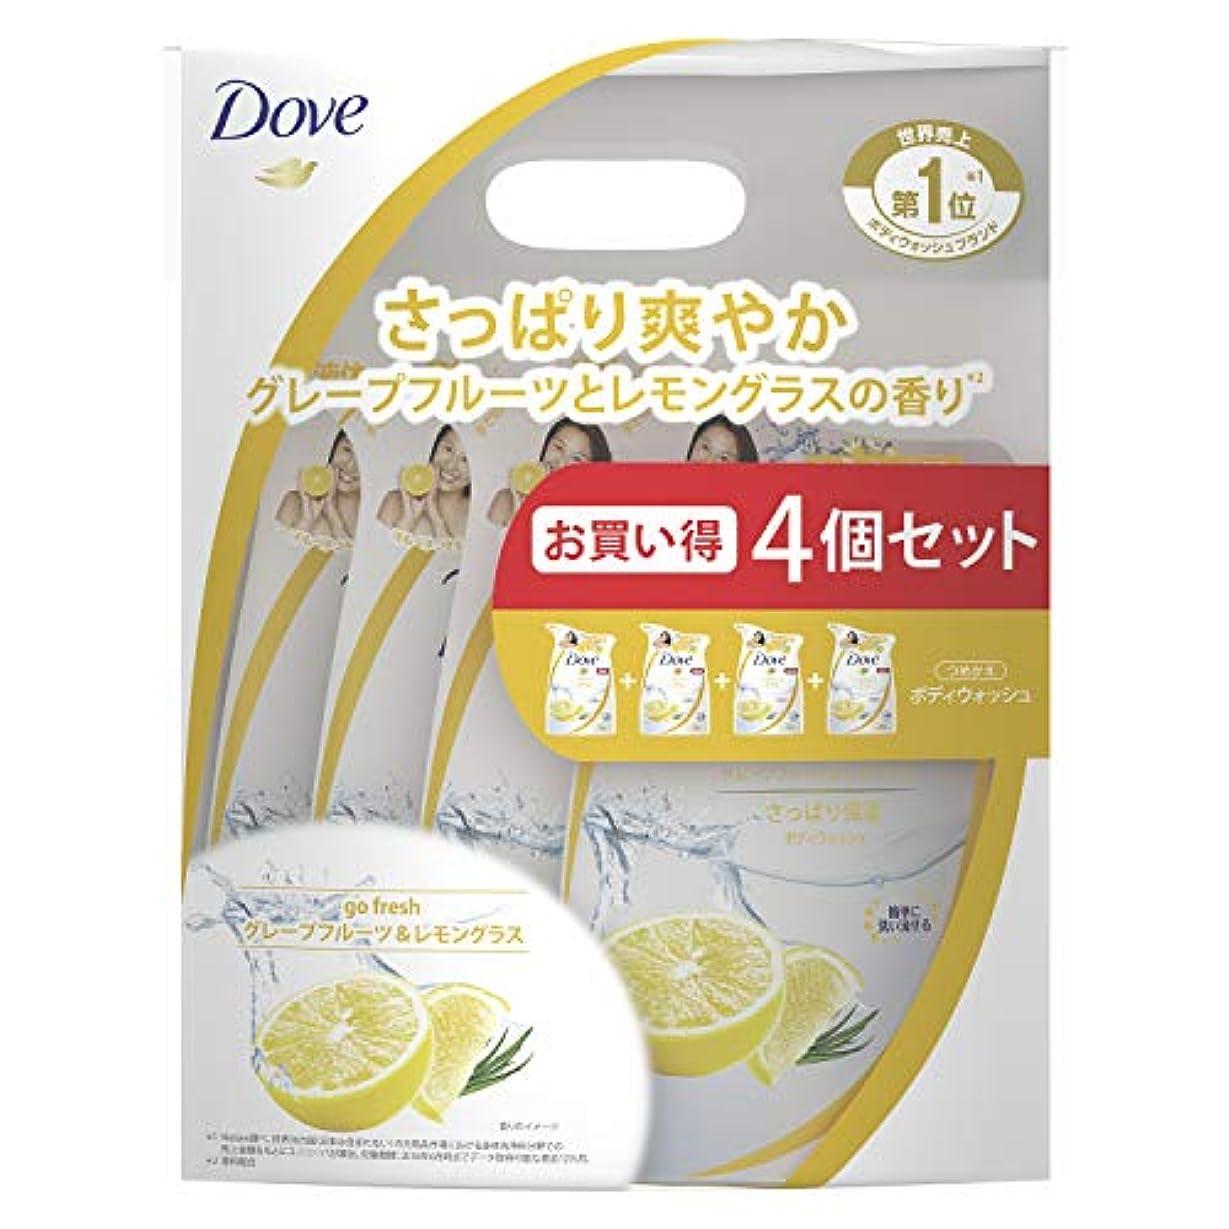 スイング模倣軽Dove(ダヴ) ダヴ ボディウォッシュ グレープフルーツ&レモングラス つめかえ用 4個セット ボディソープ 詰替え 360g×4個